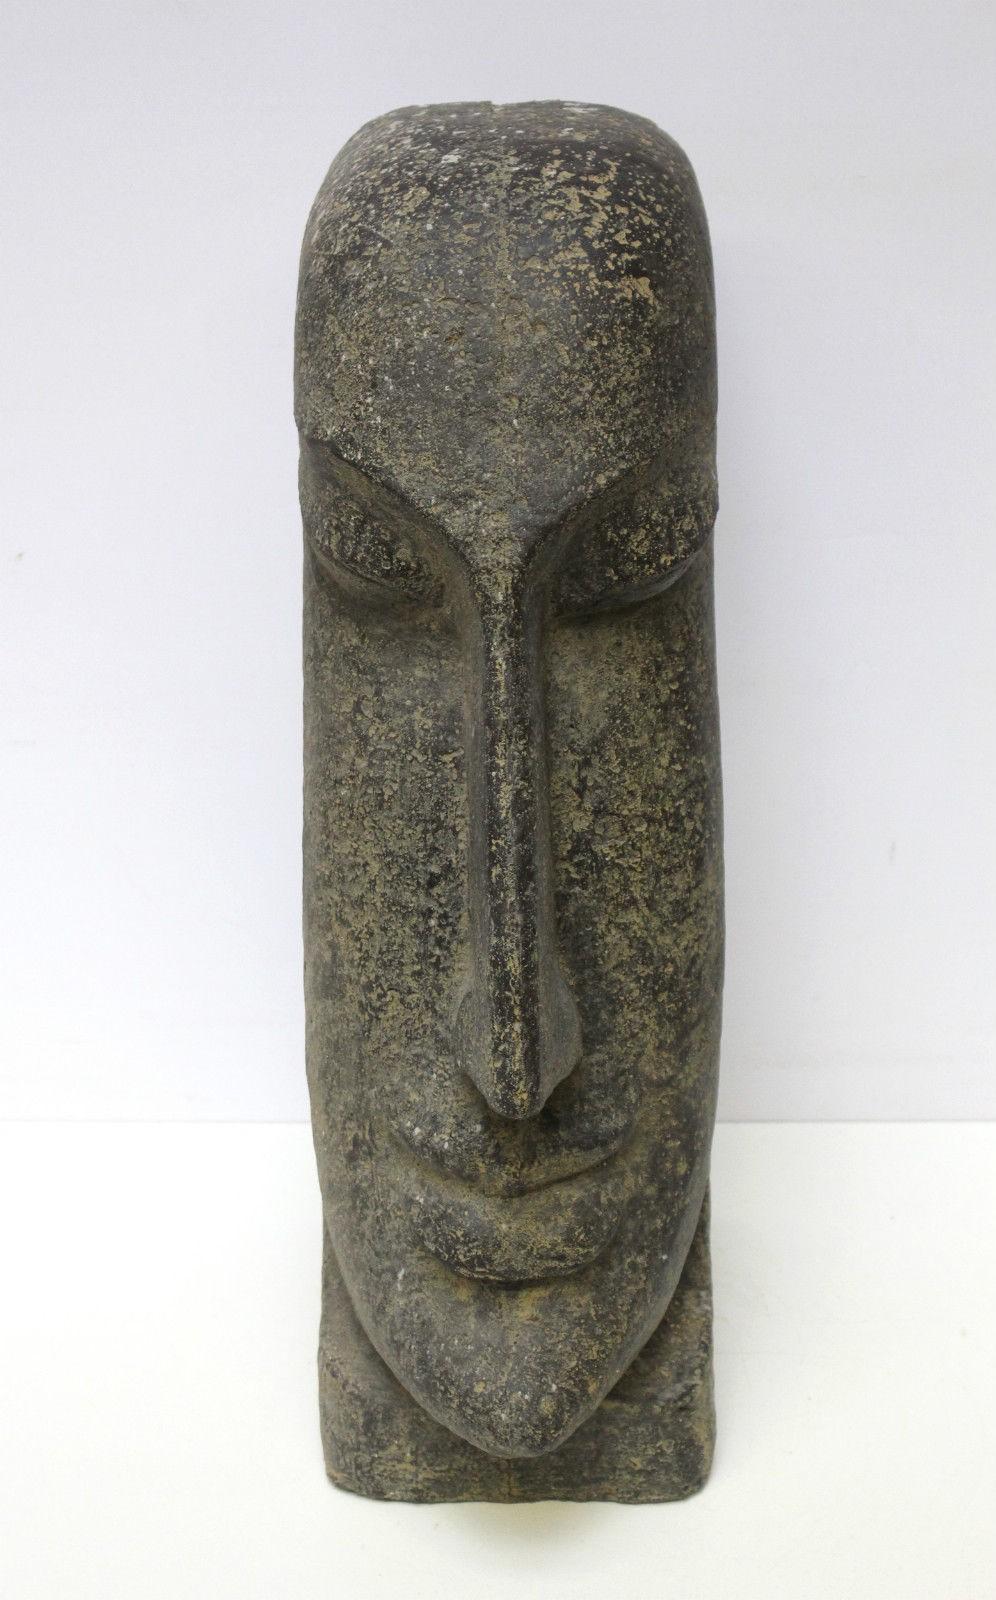 osterinsel moai figur skulptur stein lavasand bali tiki